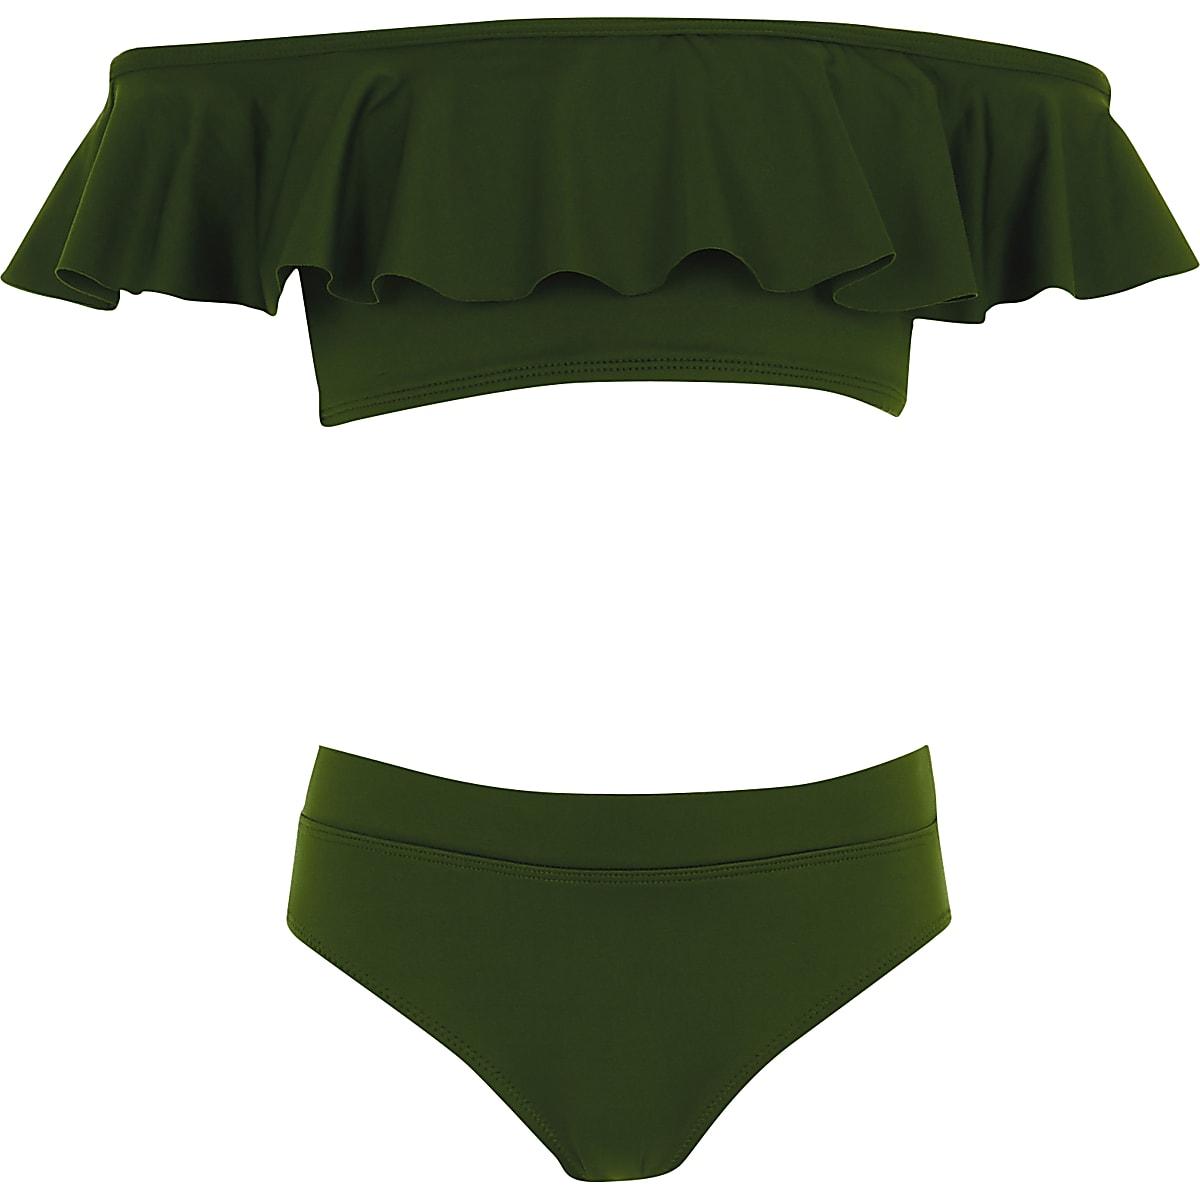 b080809d9431e Girls khaki green frill bardot bikini Girls khaki green frill bardot bikini  ...